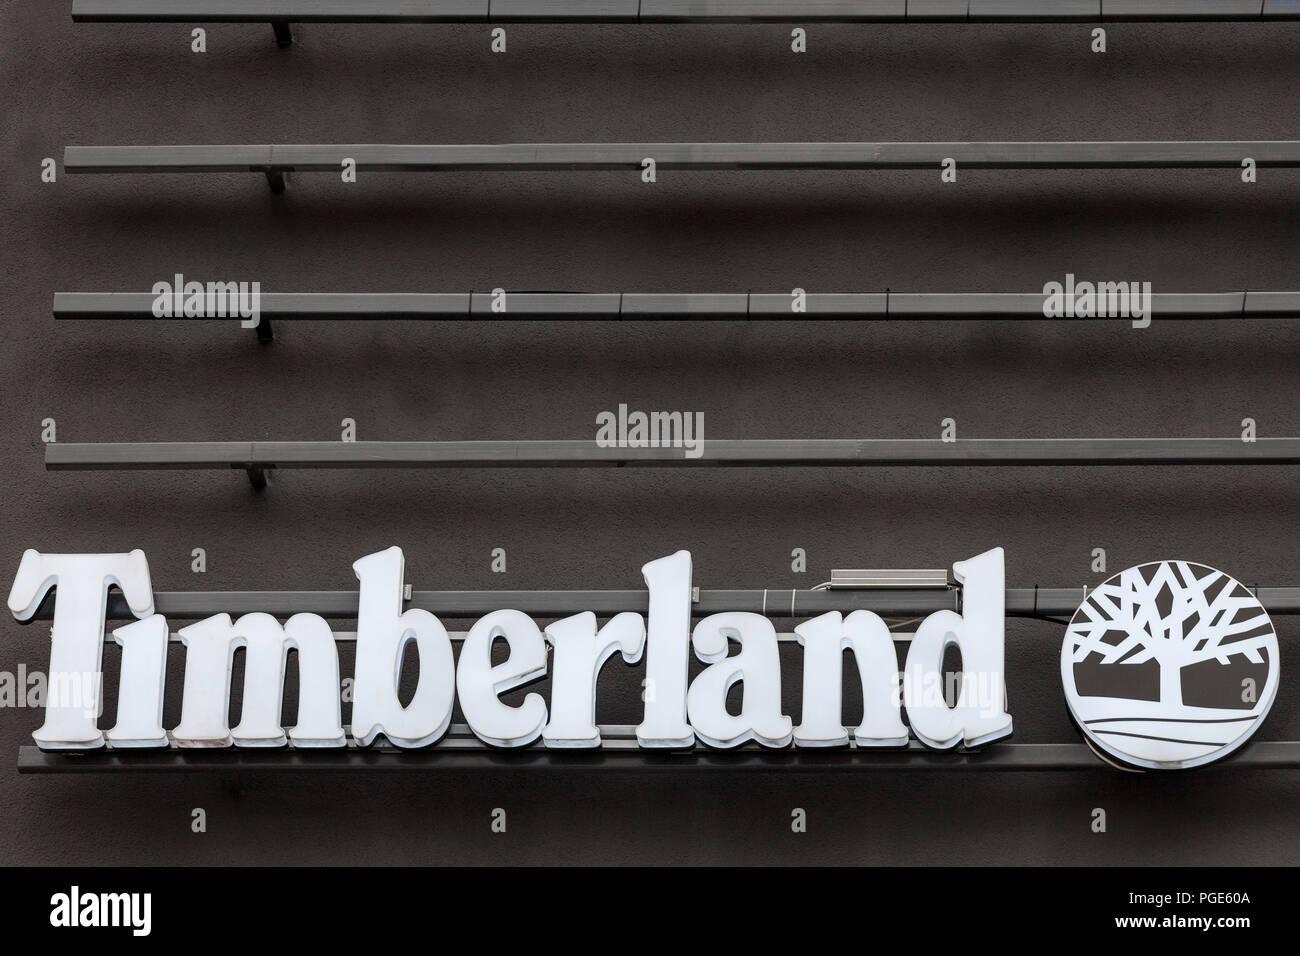 BELGRADE, SERBIE - août 21, 2018: Timberland logo sur leurs principaux shop pour Belgrade. Timberland est un fabricant et détaillant de mode, j'ai spécialisé Photo Stock